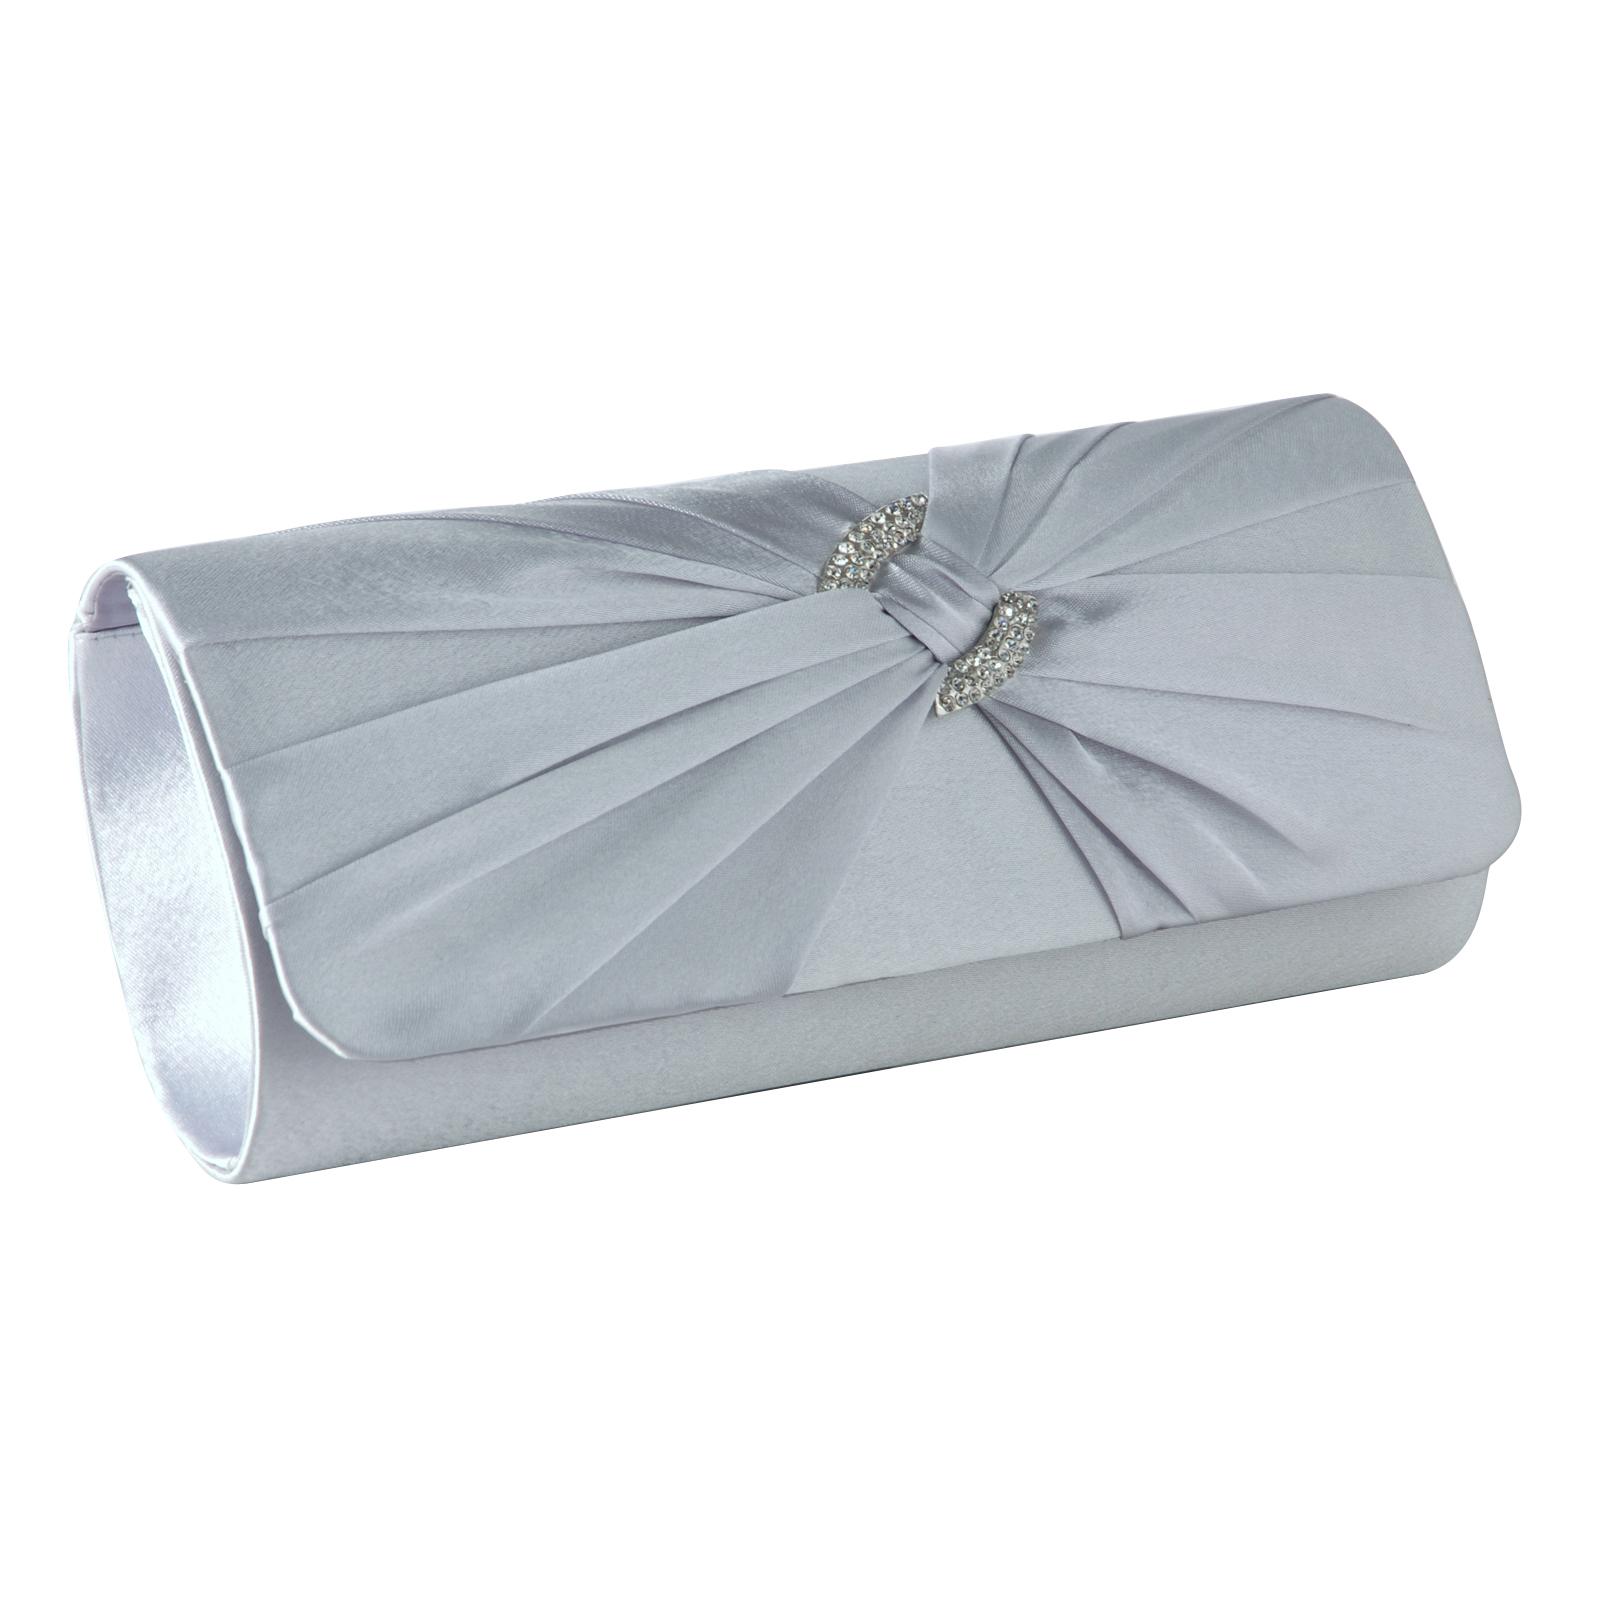 Satin Pleated Diamante Evening Clutch Bag Wedding Bridal Handbag Silver Purse | EBay